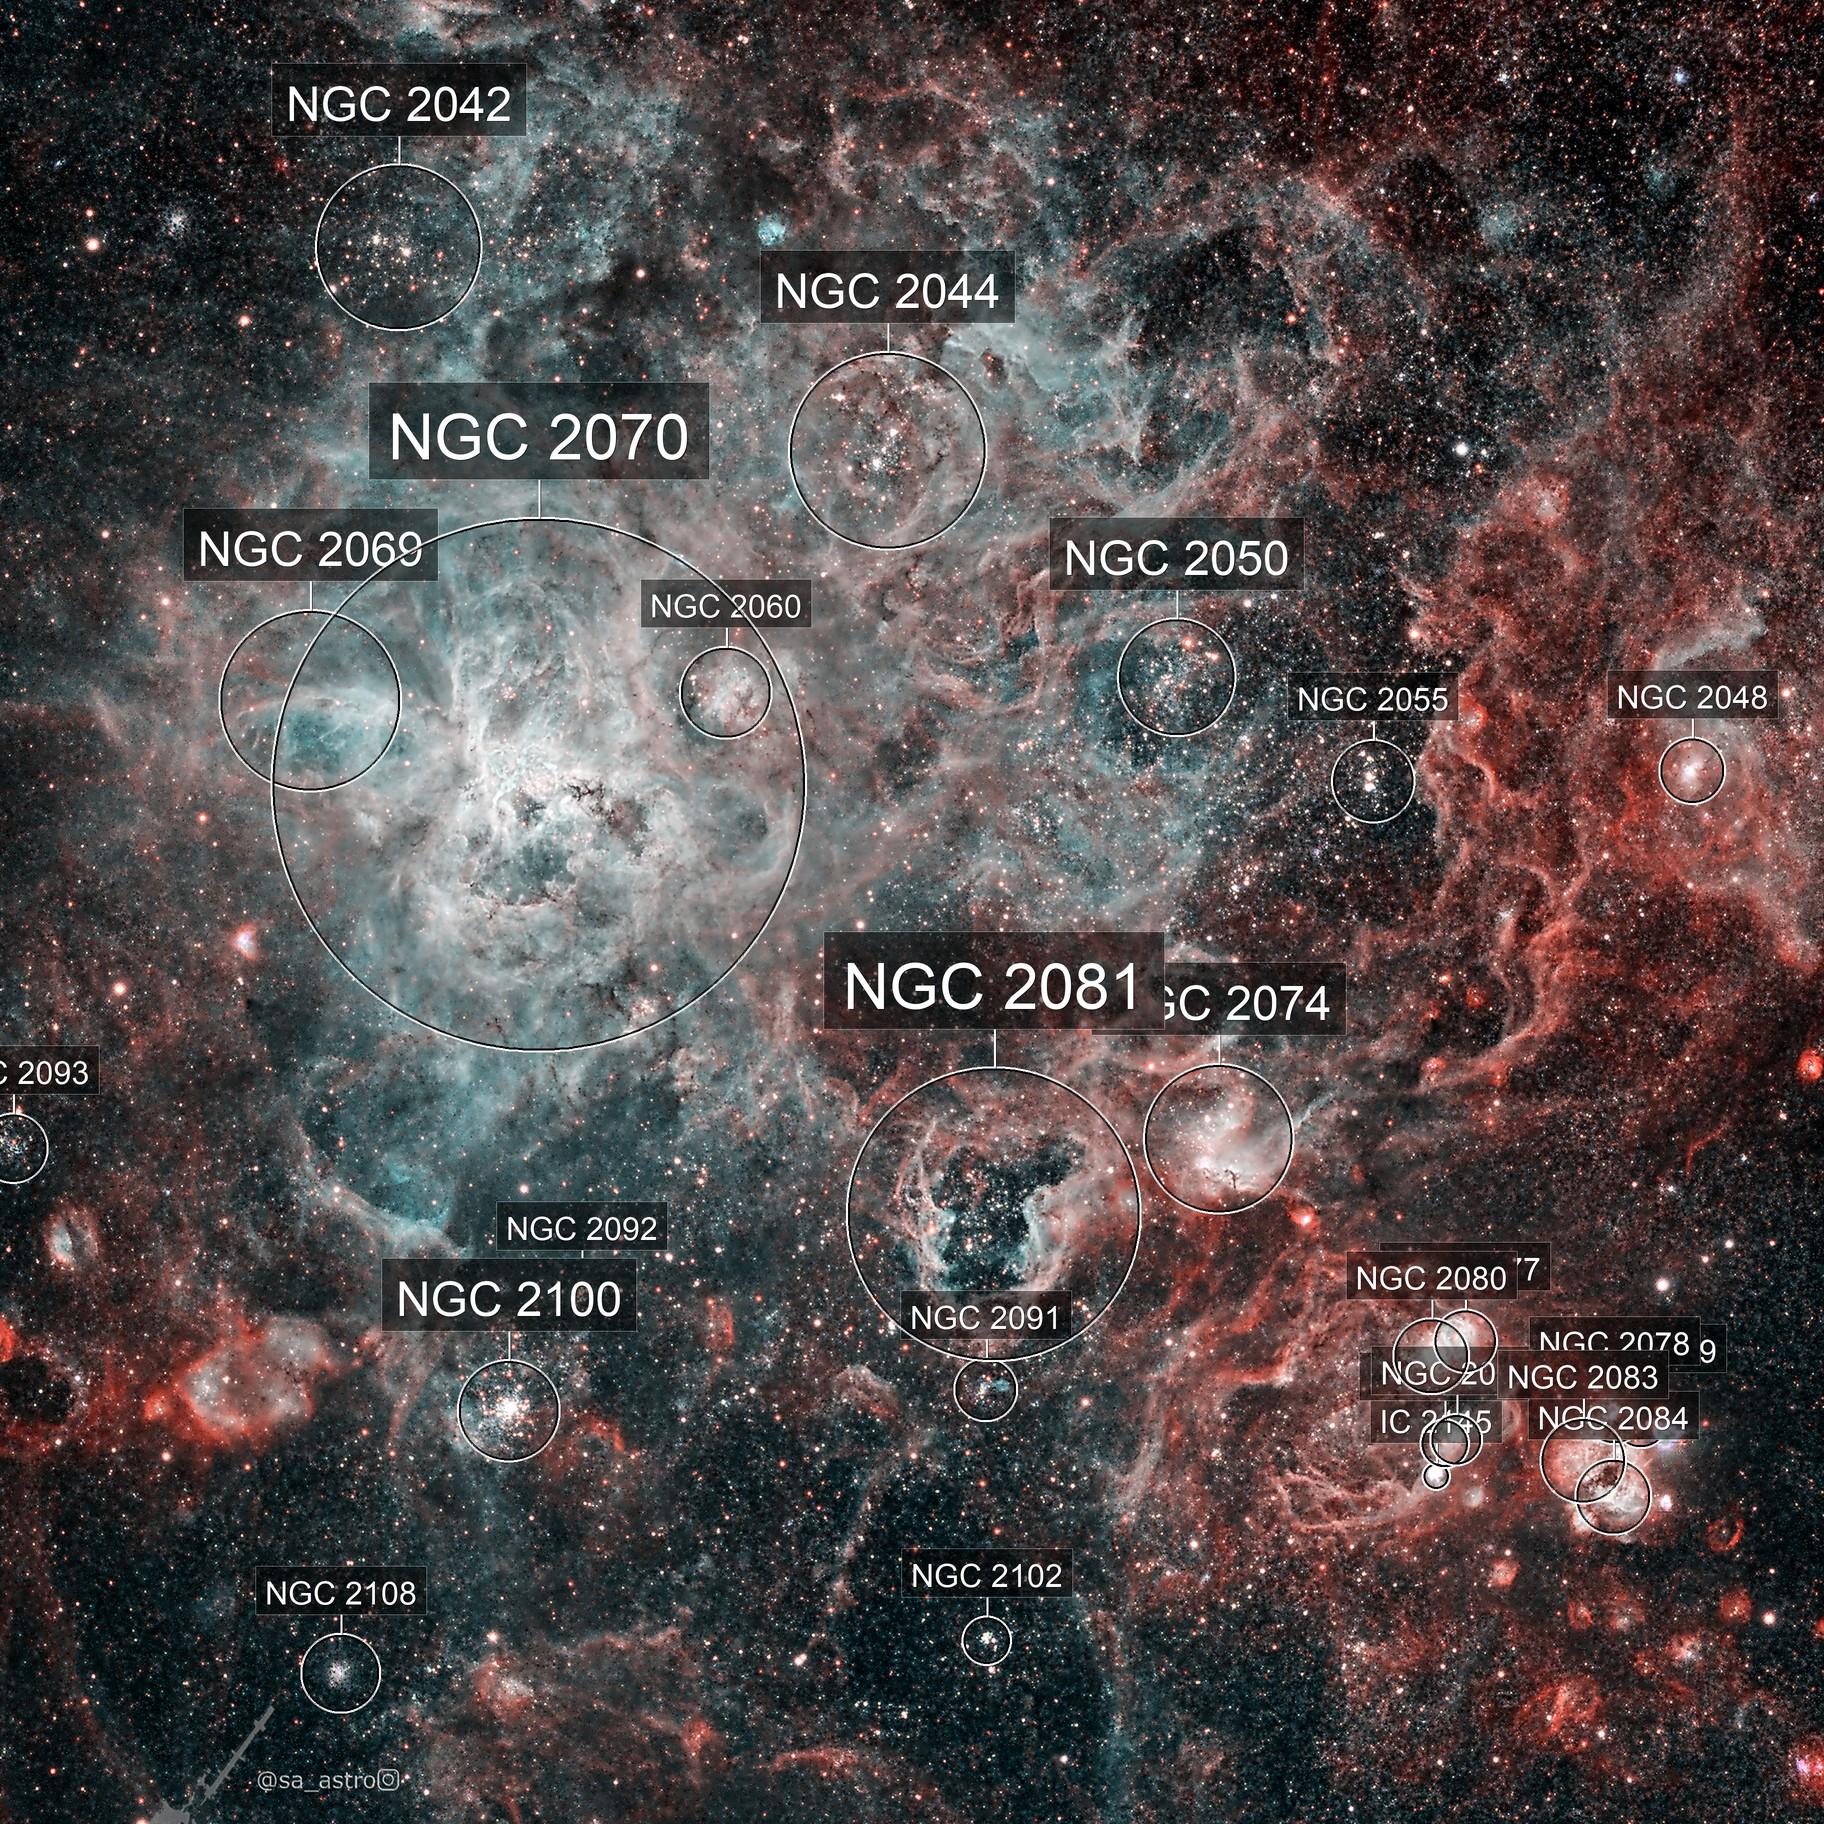 Gravity and Fusion (NGC 2070, Tarantula Nebula)